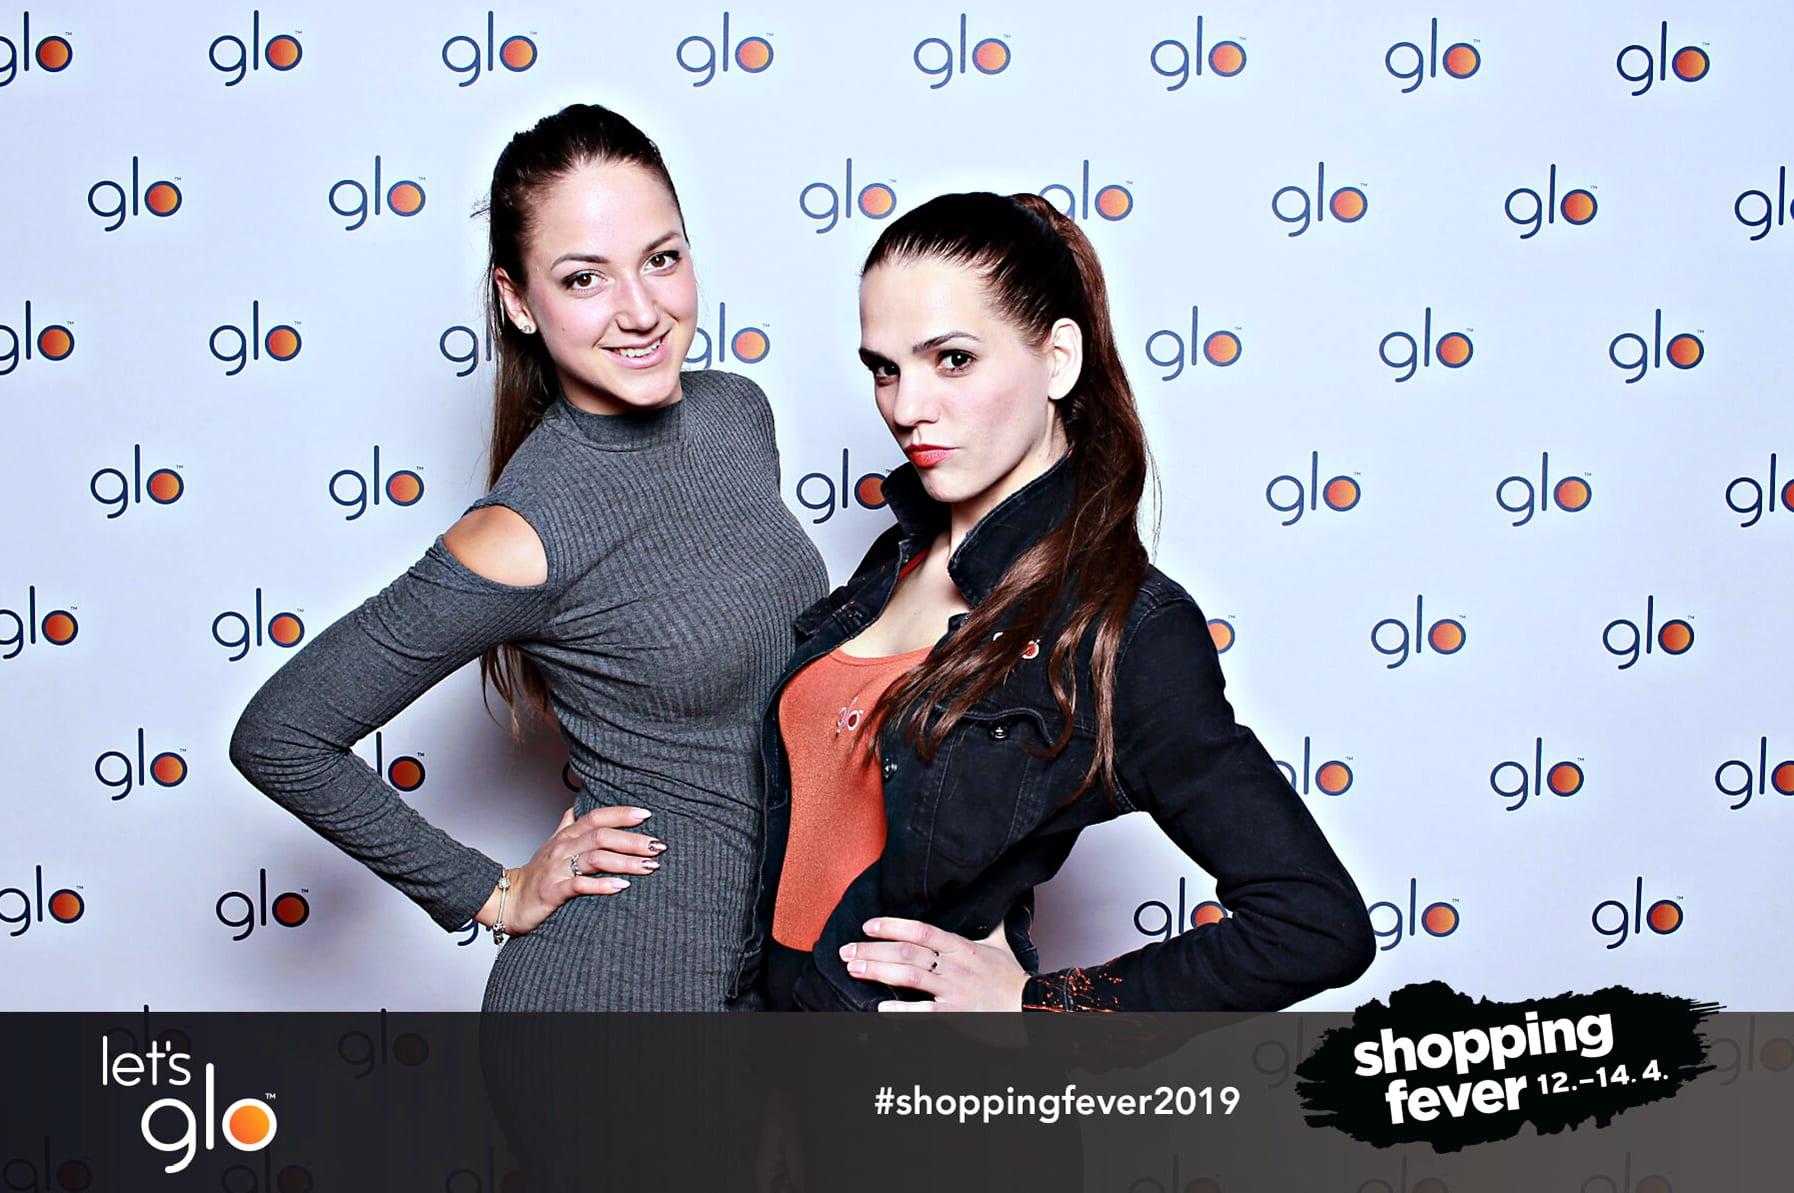 fotokoutek-glo-13-4-2019-594817